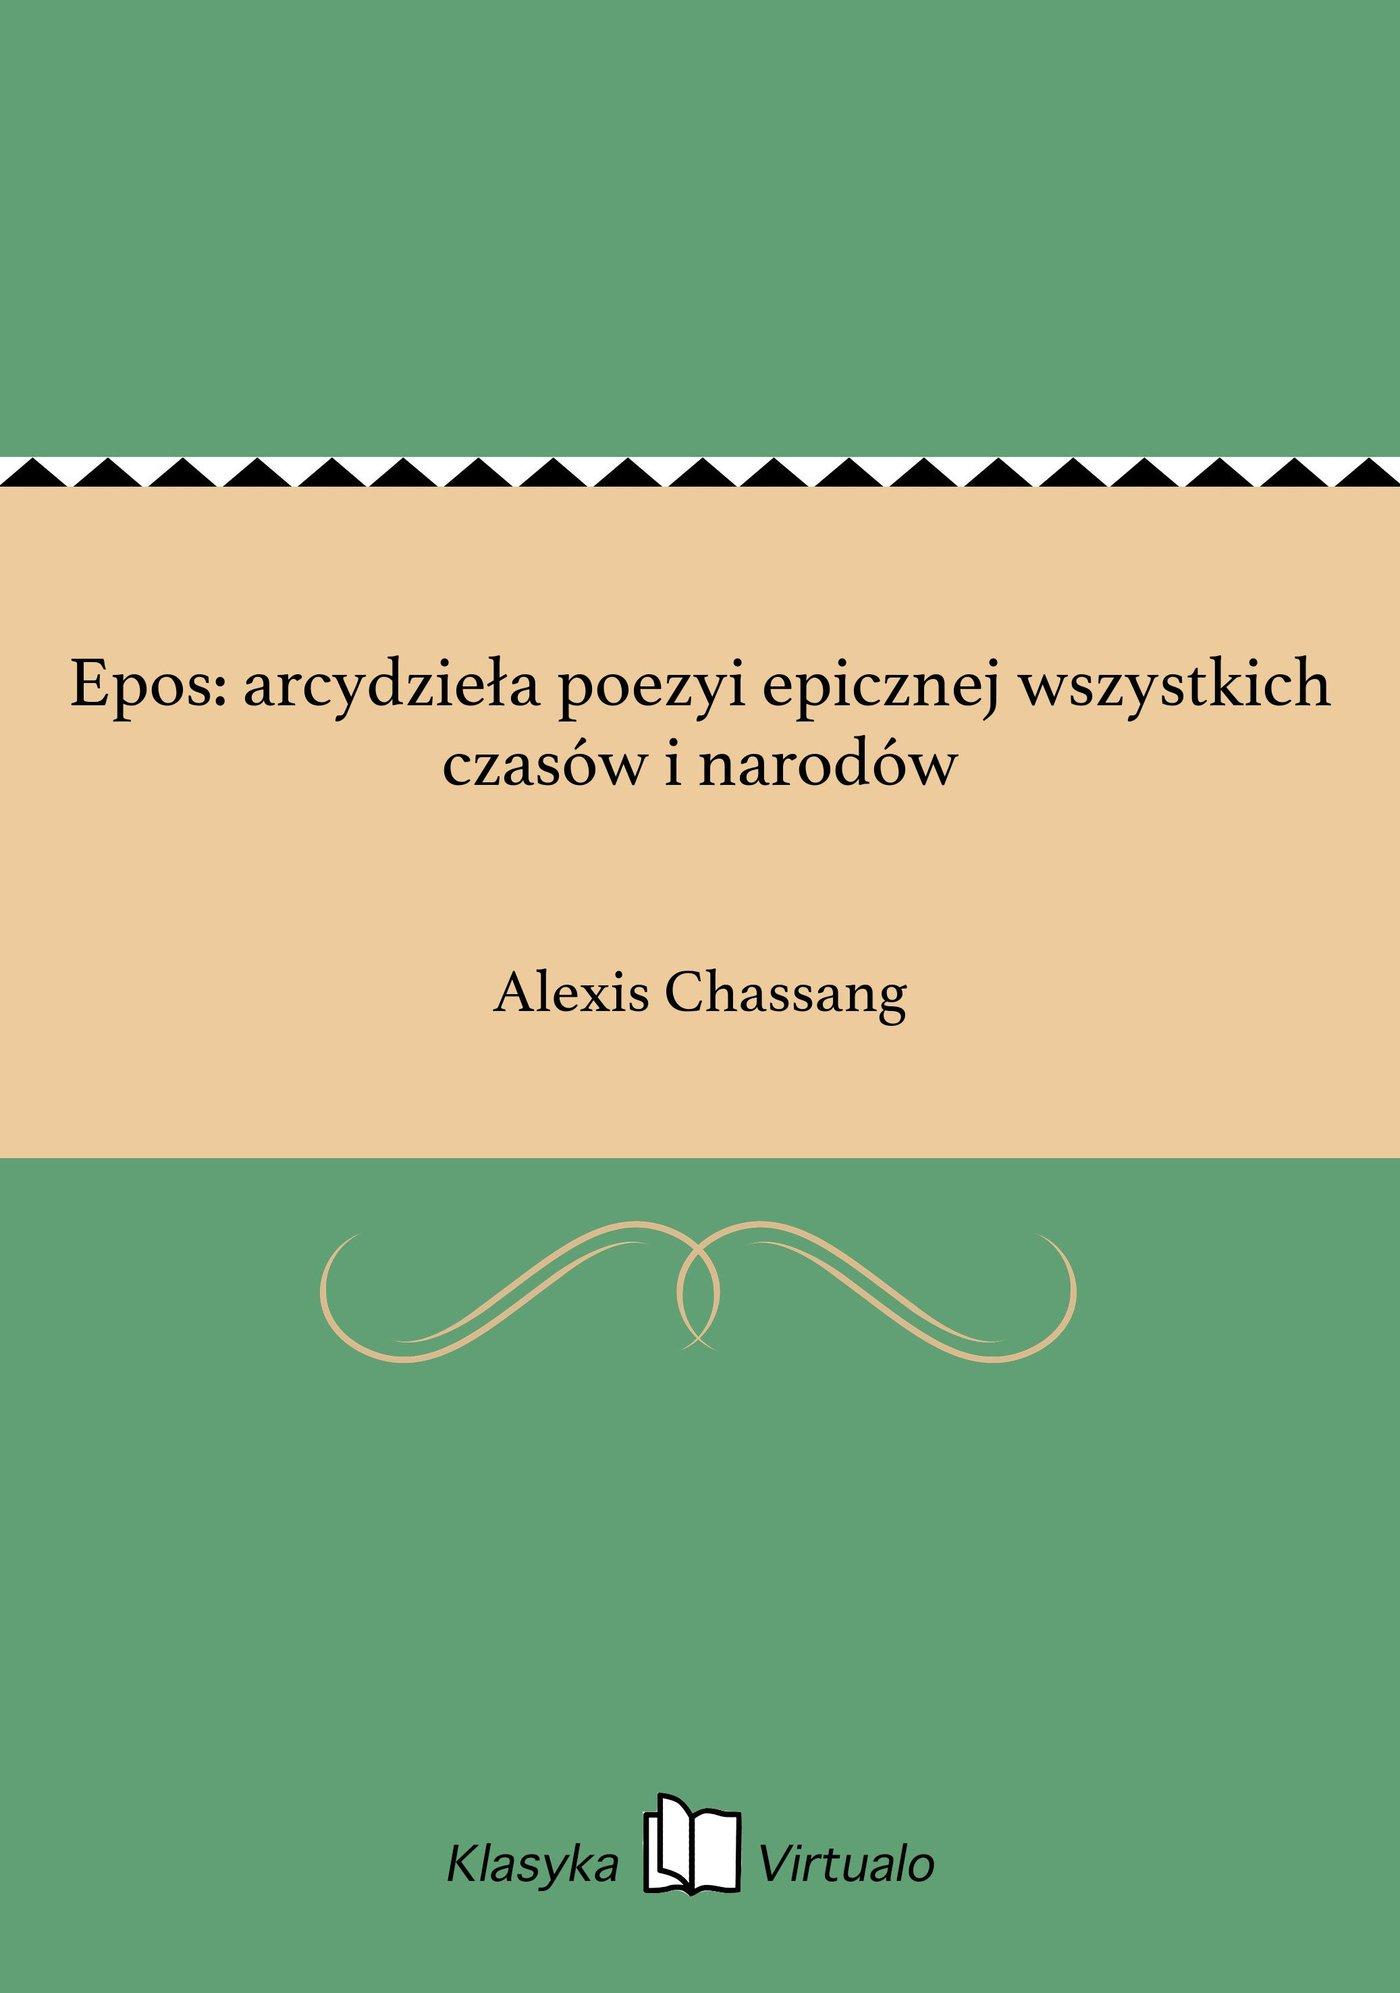 Epos: arcydzieła poezyi epicznej wszystkich czasów i narodów - Ebook (Książka EPUB) do pobrania w formacie EPUB